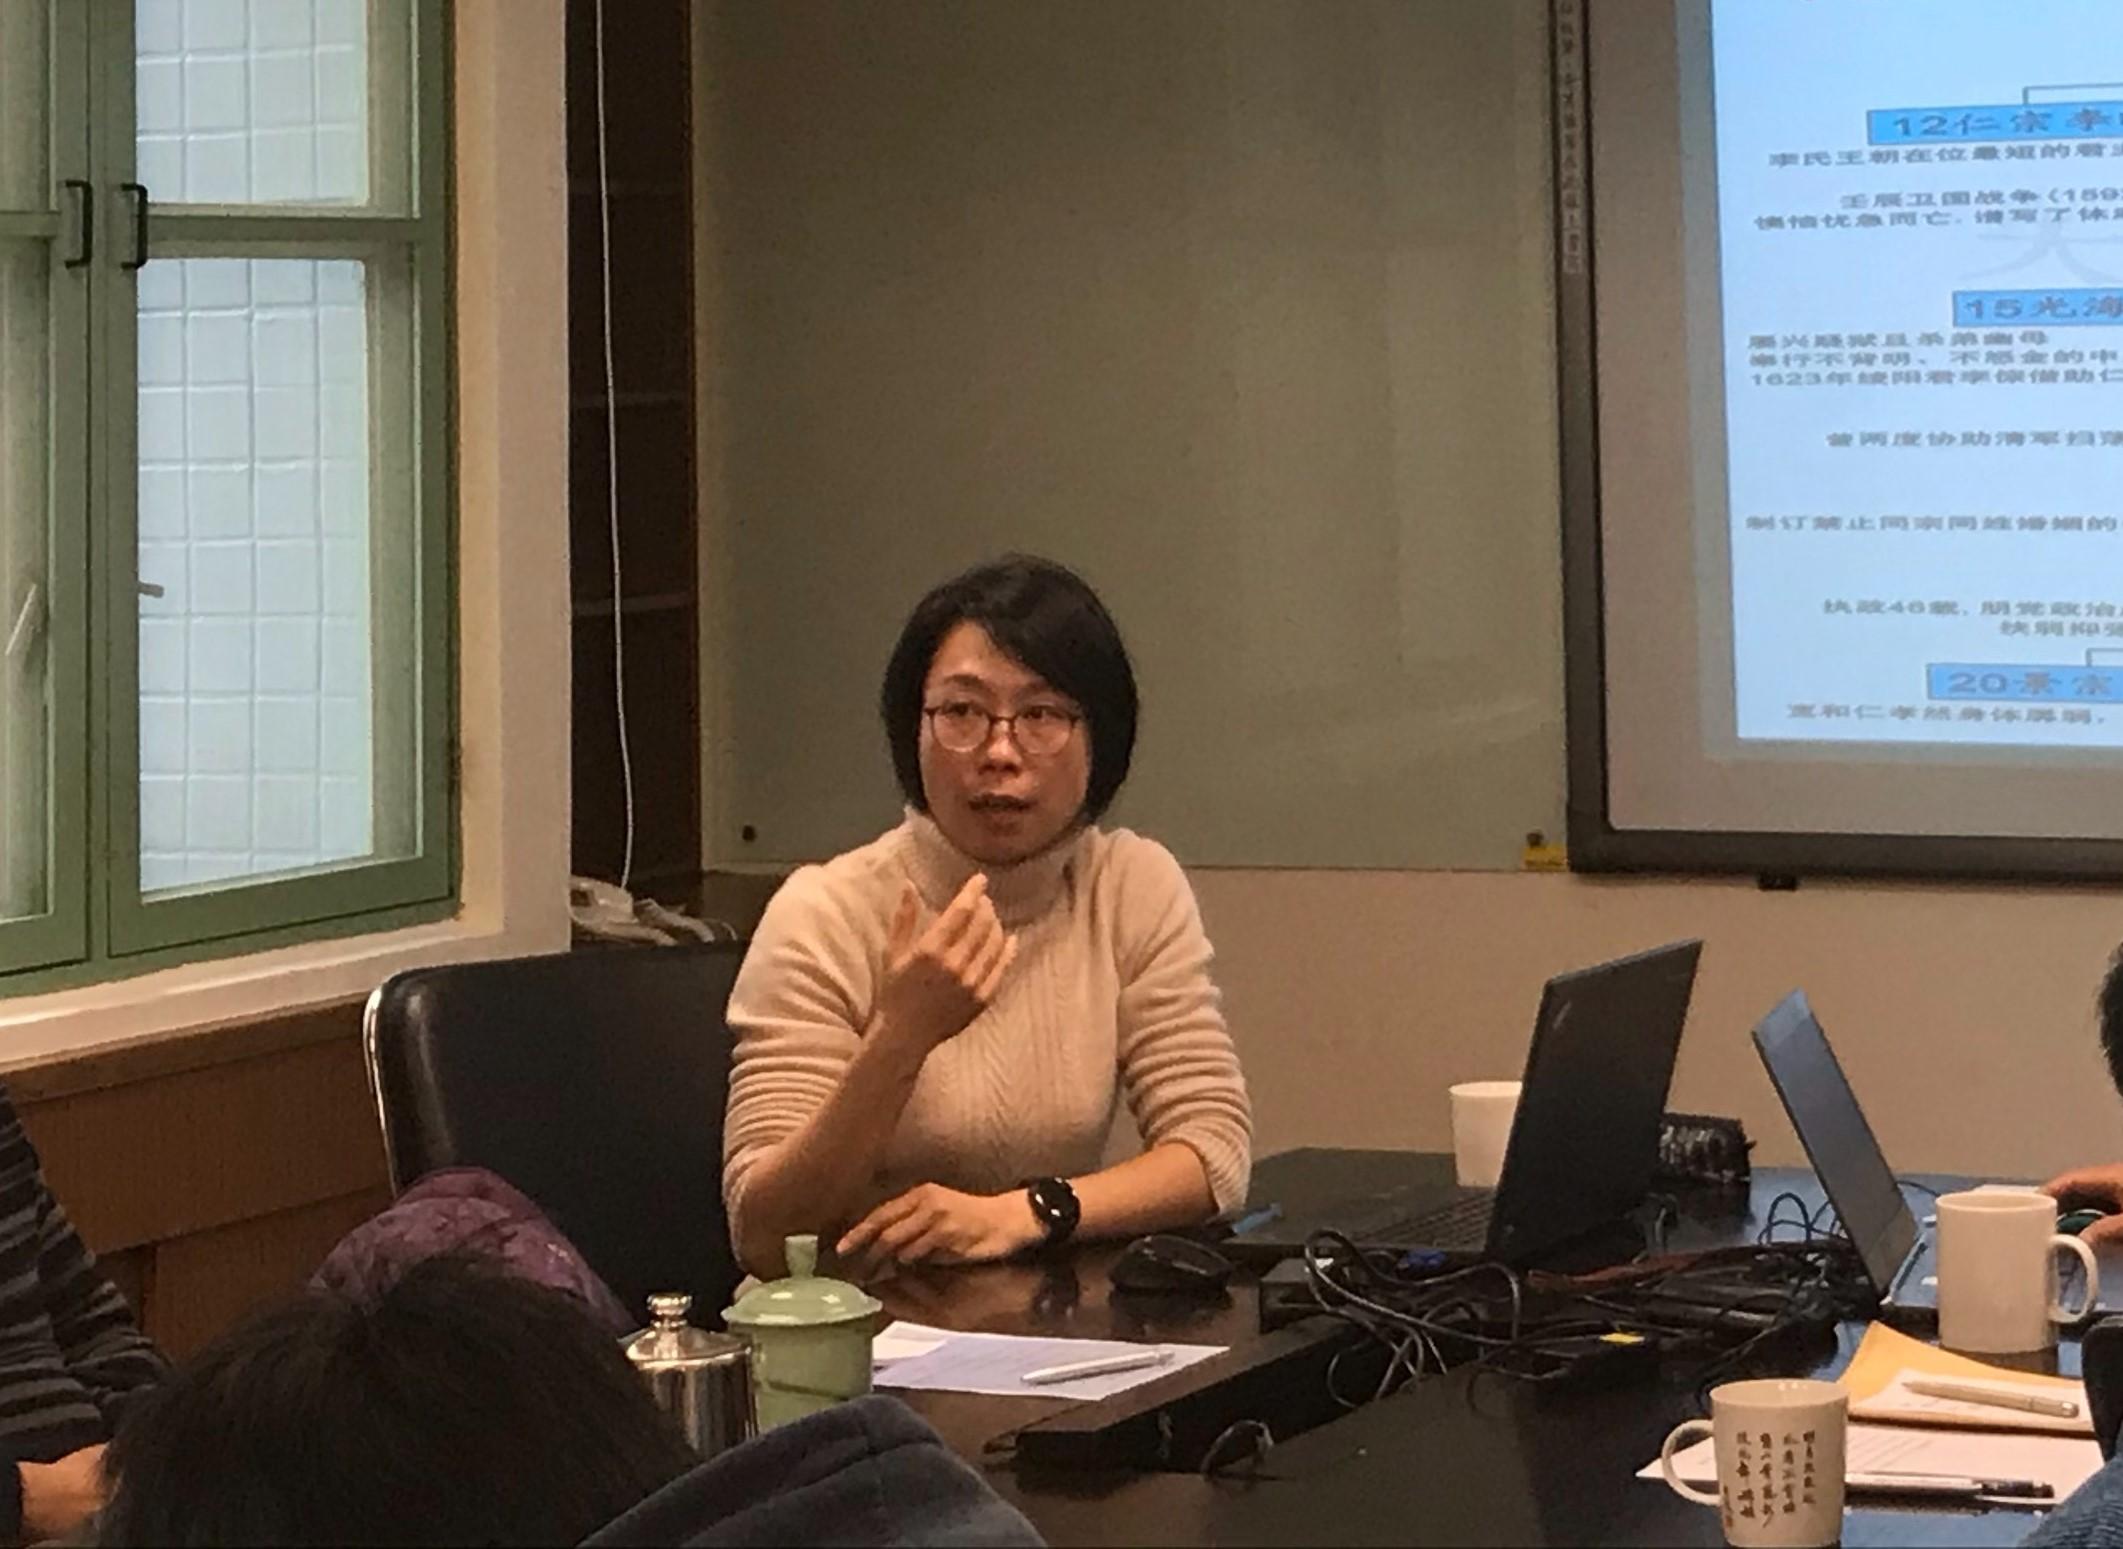 尤淑君教授演講「朝鮮事大主義與清代中朝宗藩關係的變化」紀要